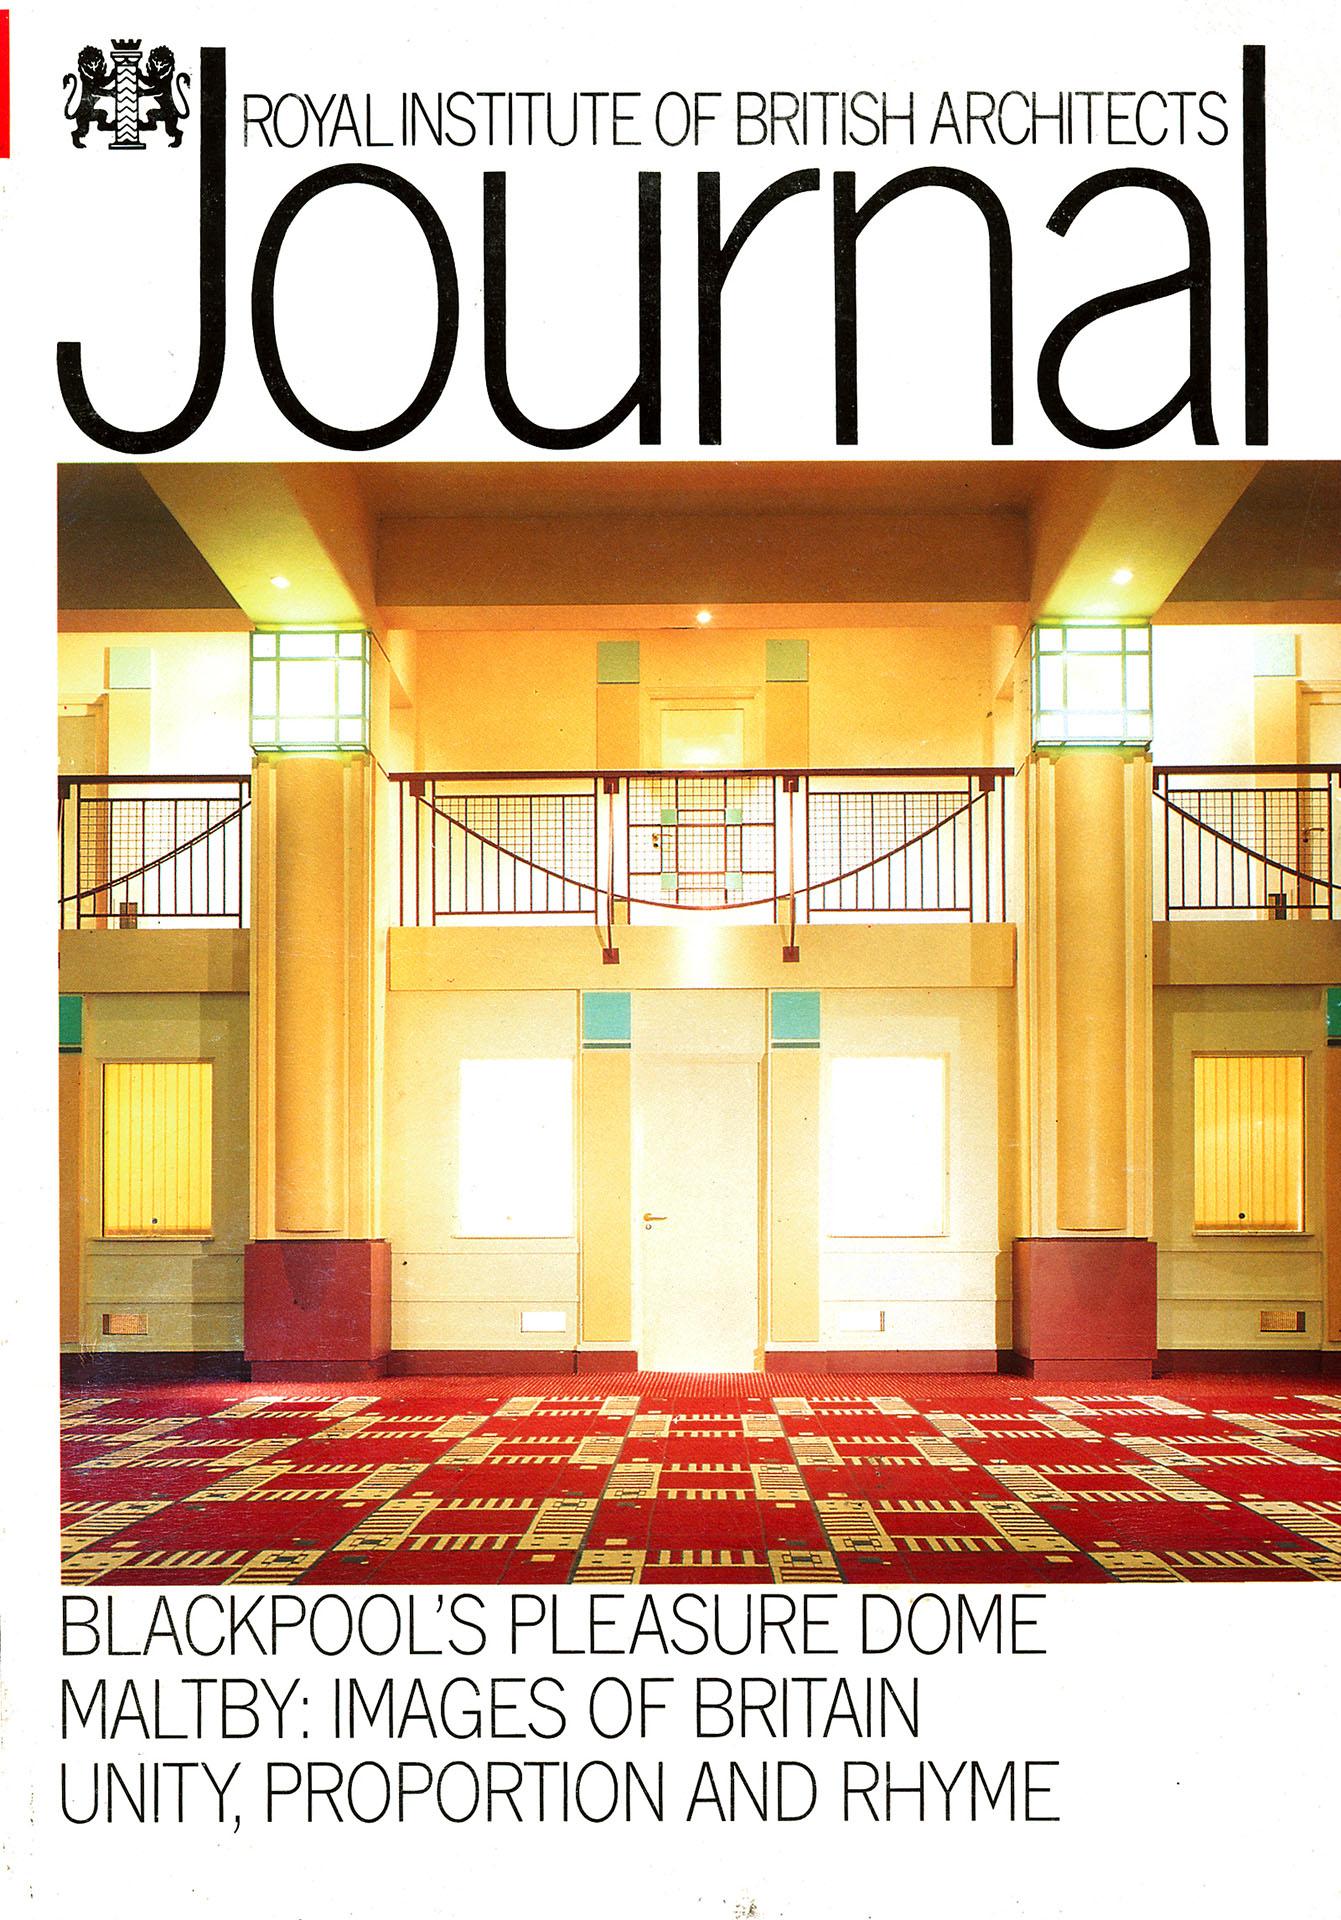 RIBA Journal cover story, John Maltby inside